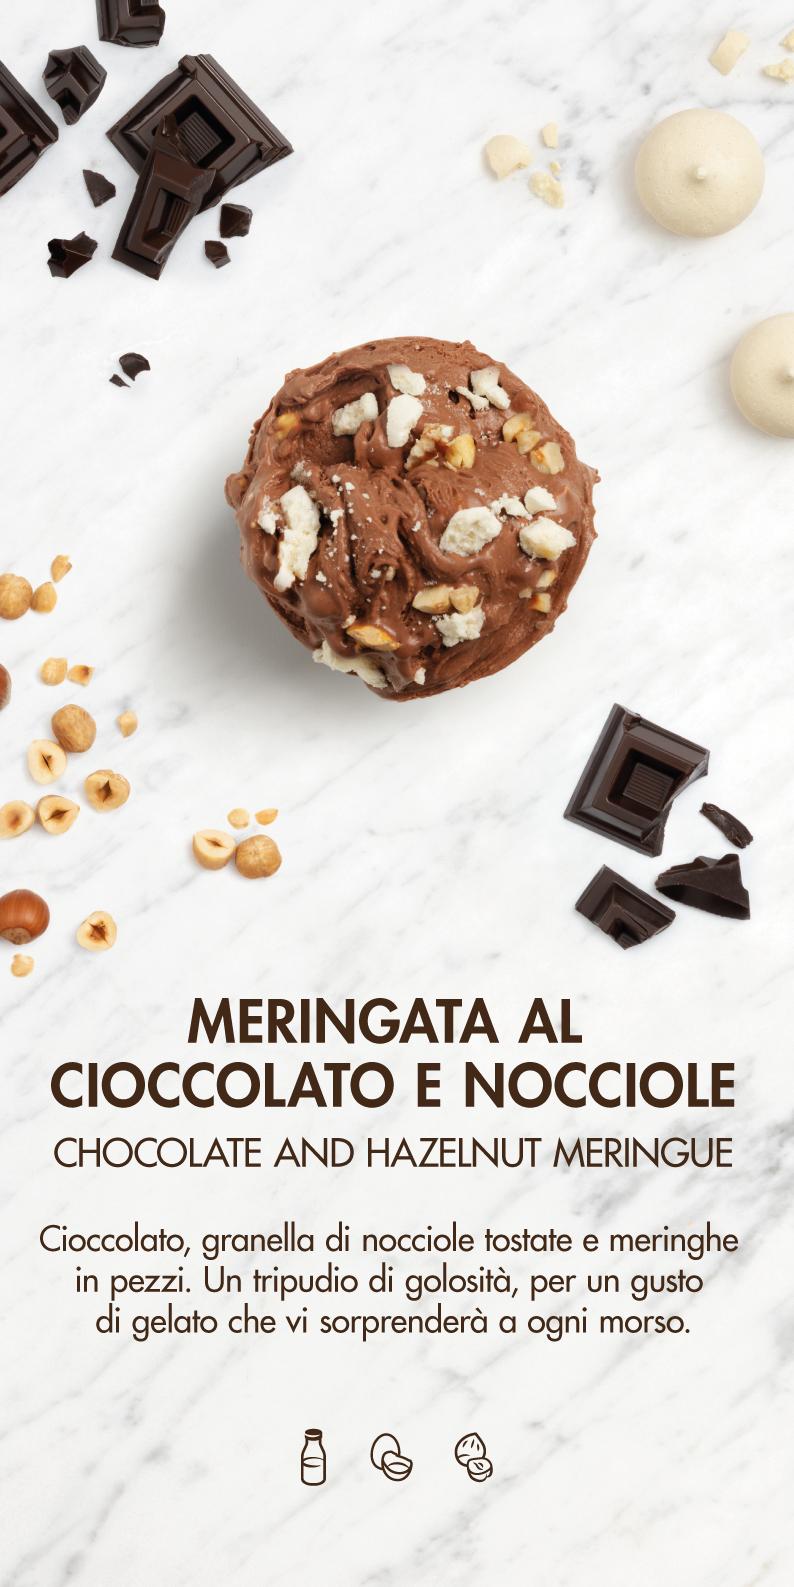 191126_Esecutivi_GDM_28x56_scala-1-1_Meringata-Cioccolato-e-Nocciole_PREVIEW